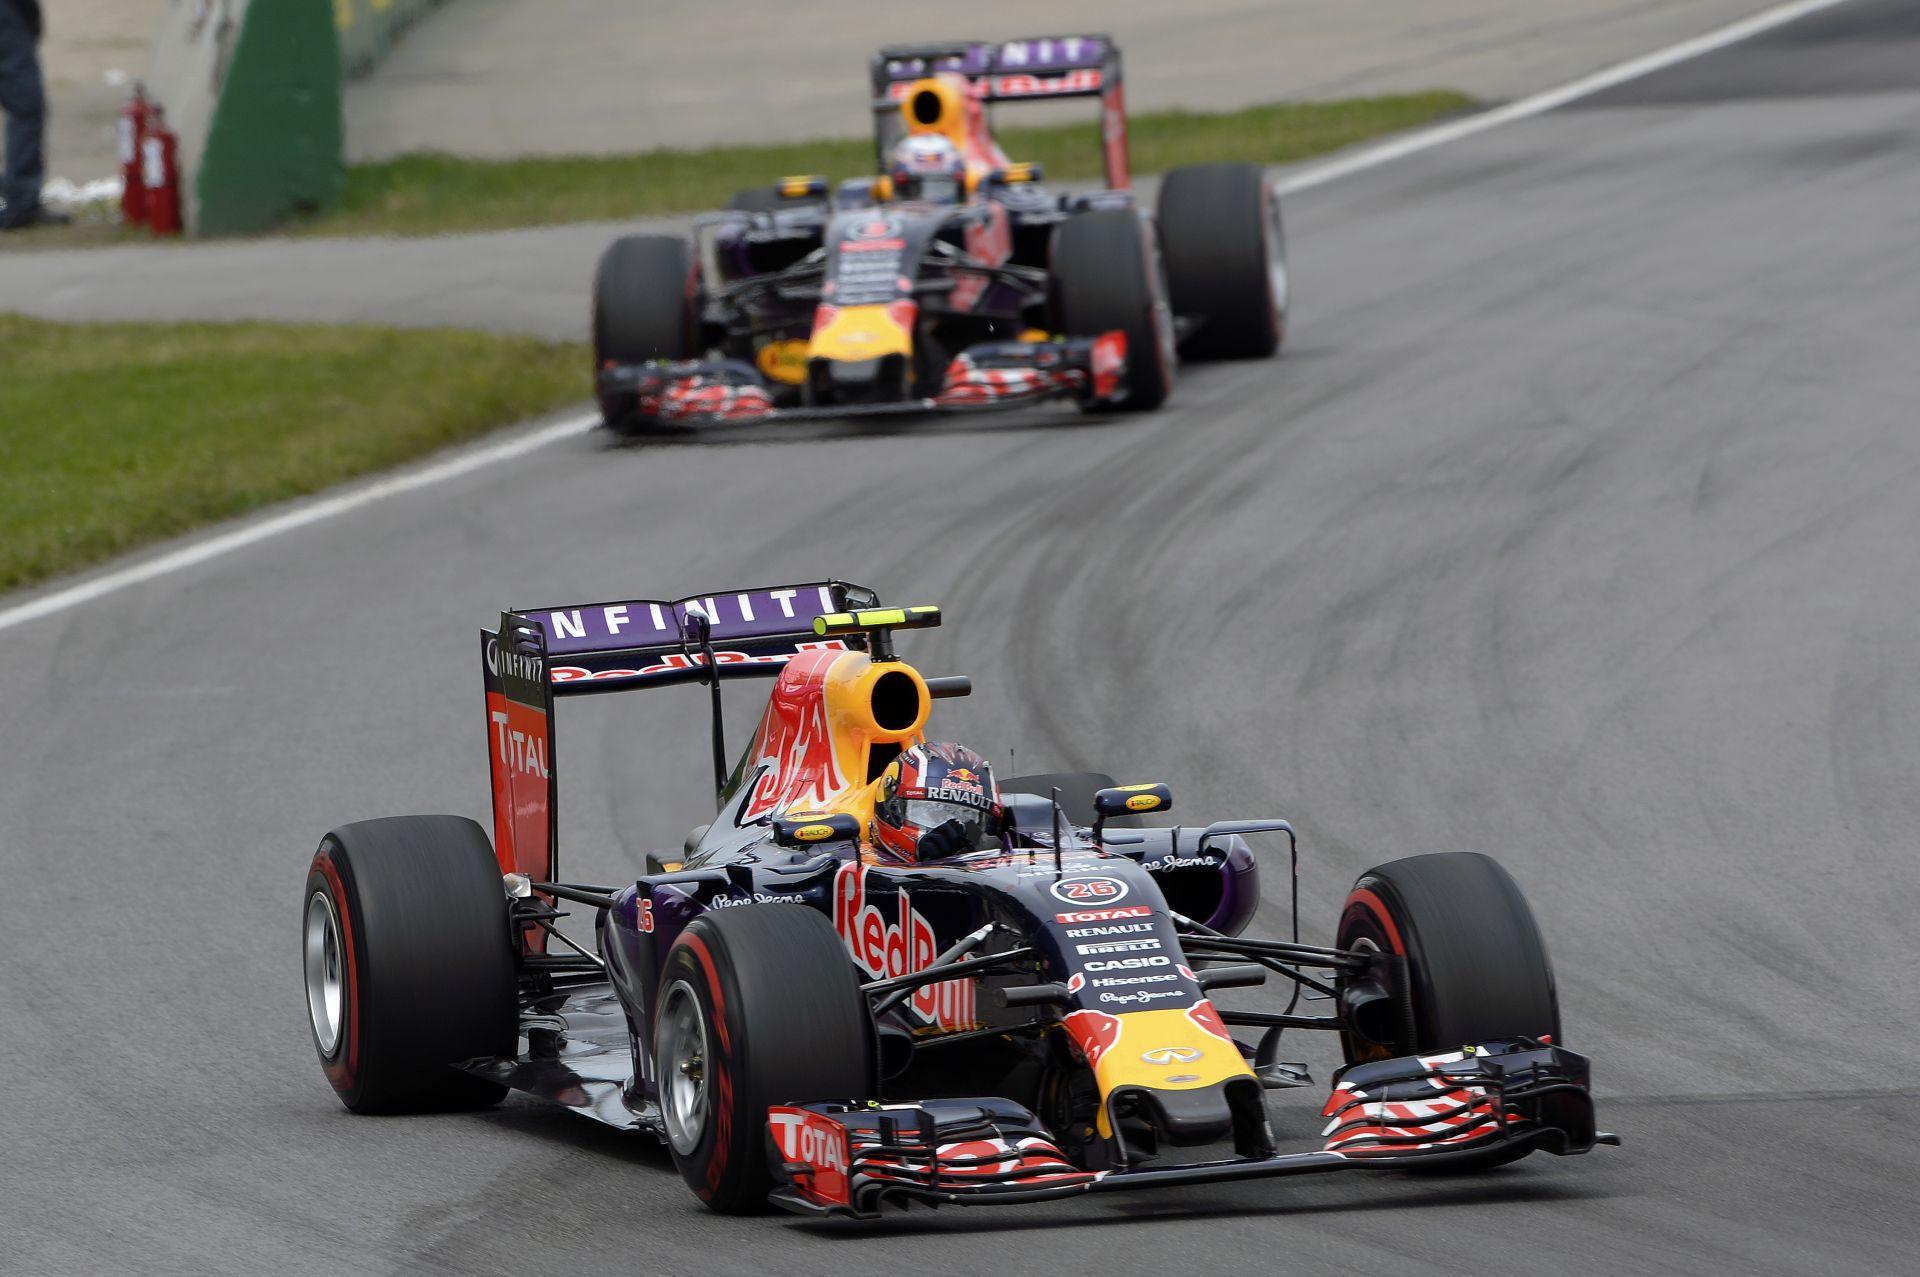 Mindkét Red Bull várhatóan 10 helyes rajtbüntetést kap az Osztrák Nagydíjra